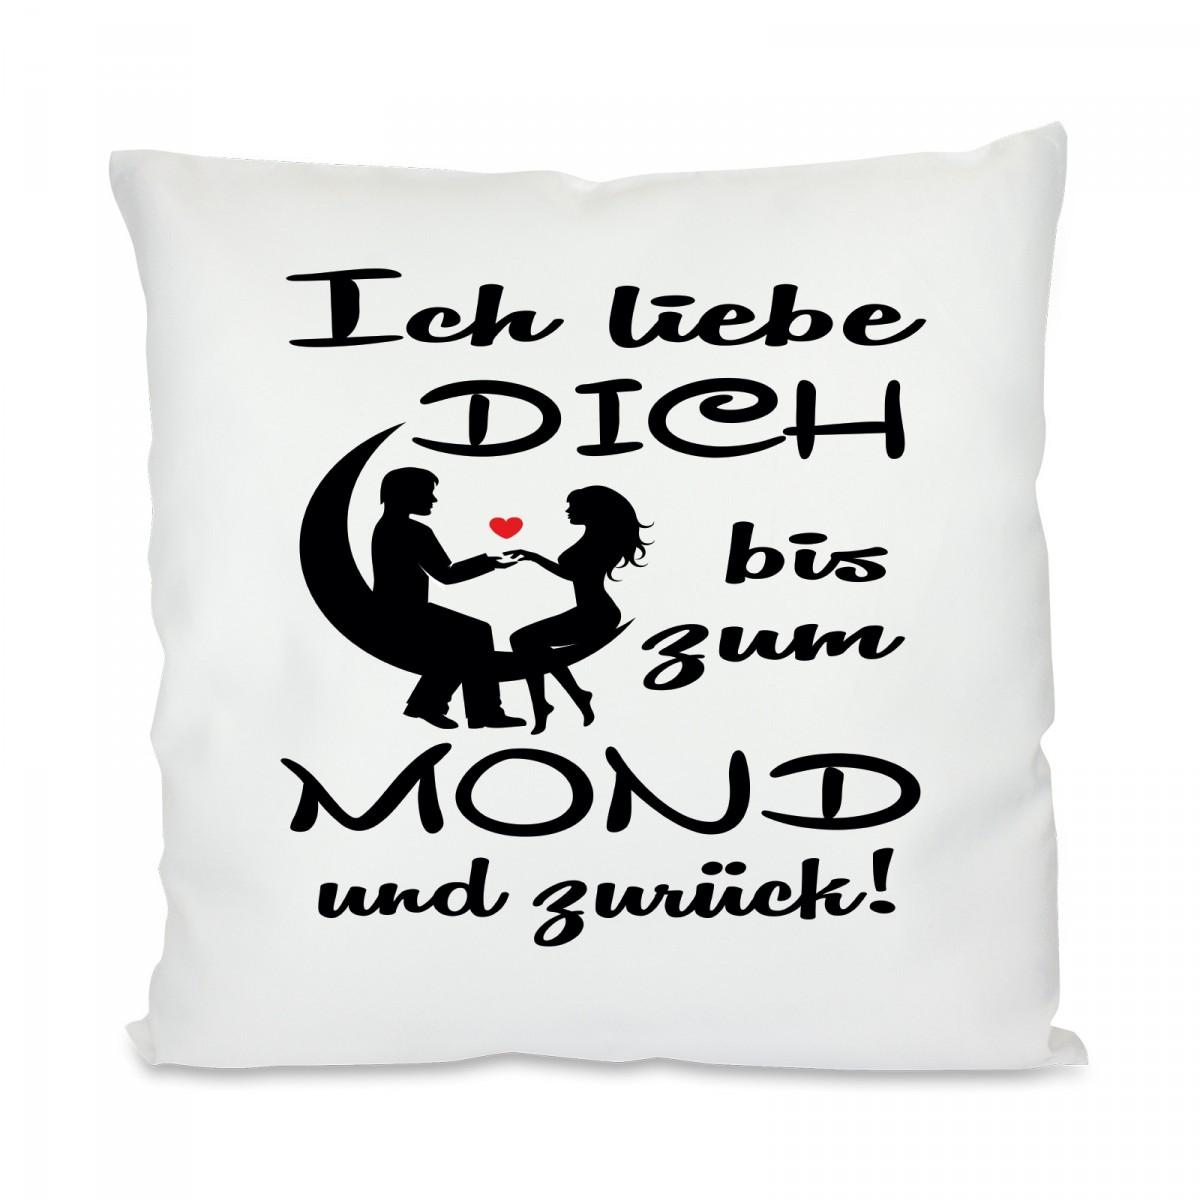 Schön Ich Liebe Dich Bis Zum Mond Galerie Von Kissen Mit Motiv Modell: